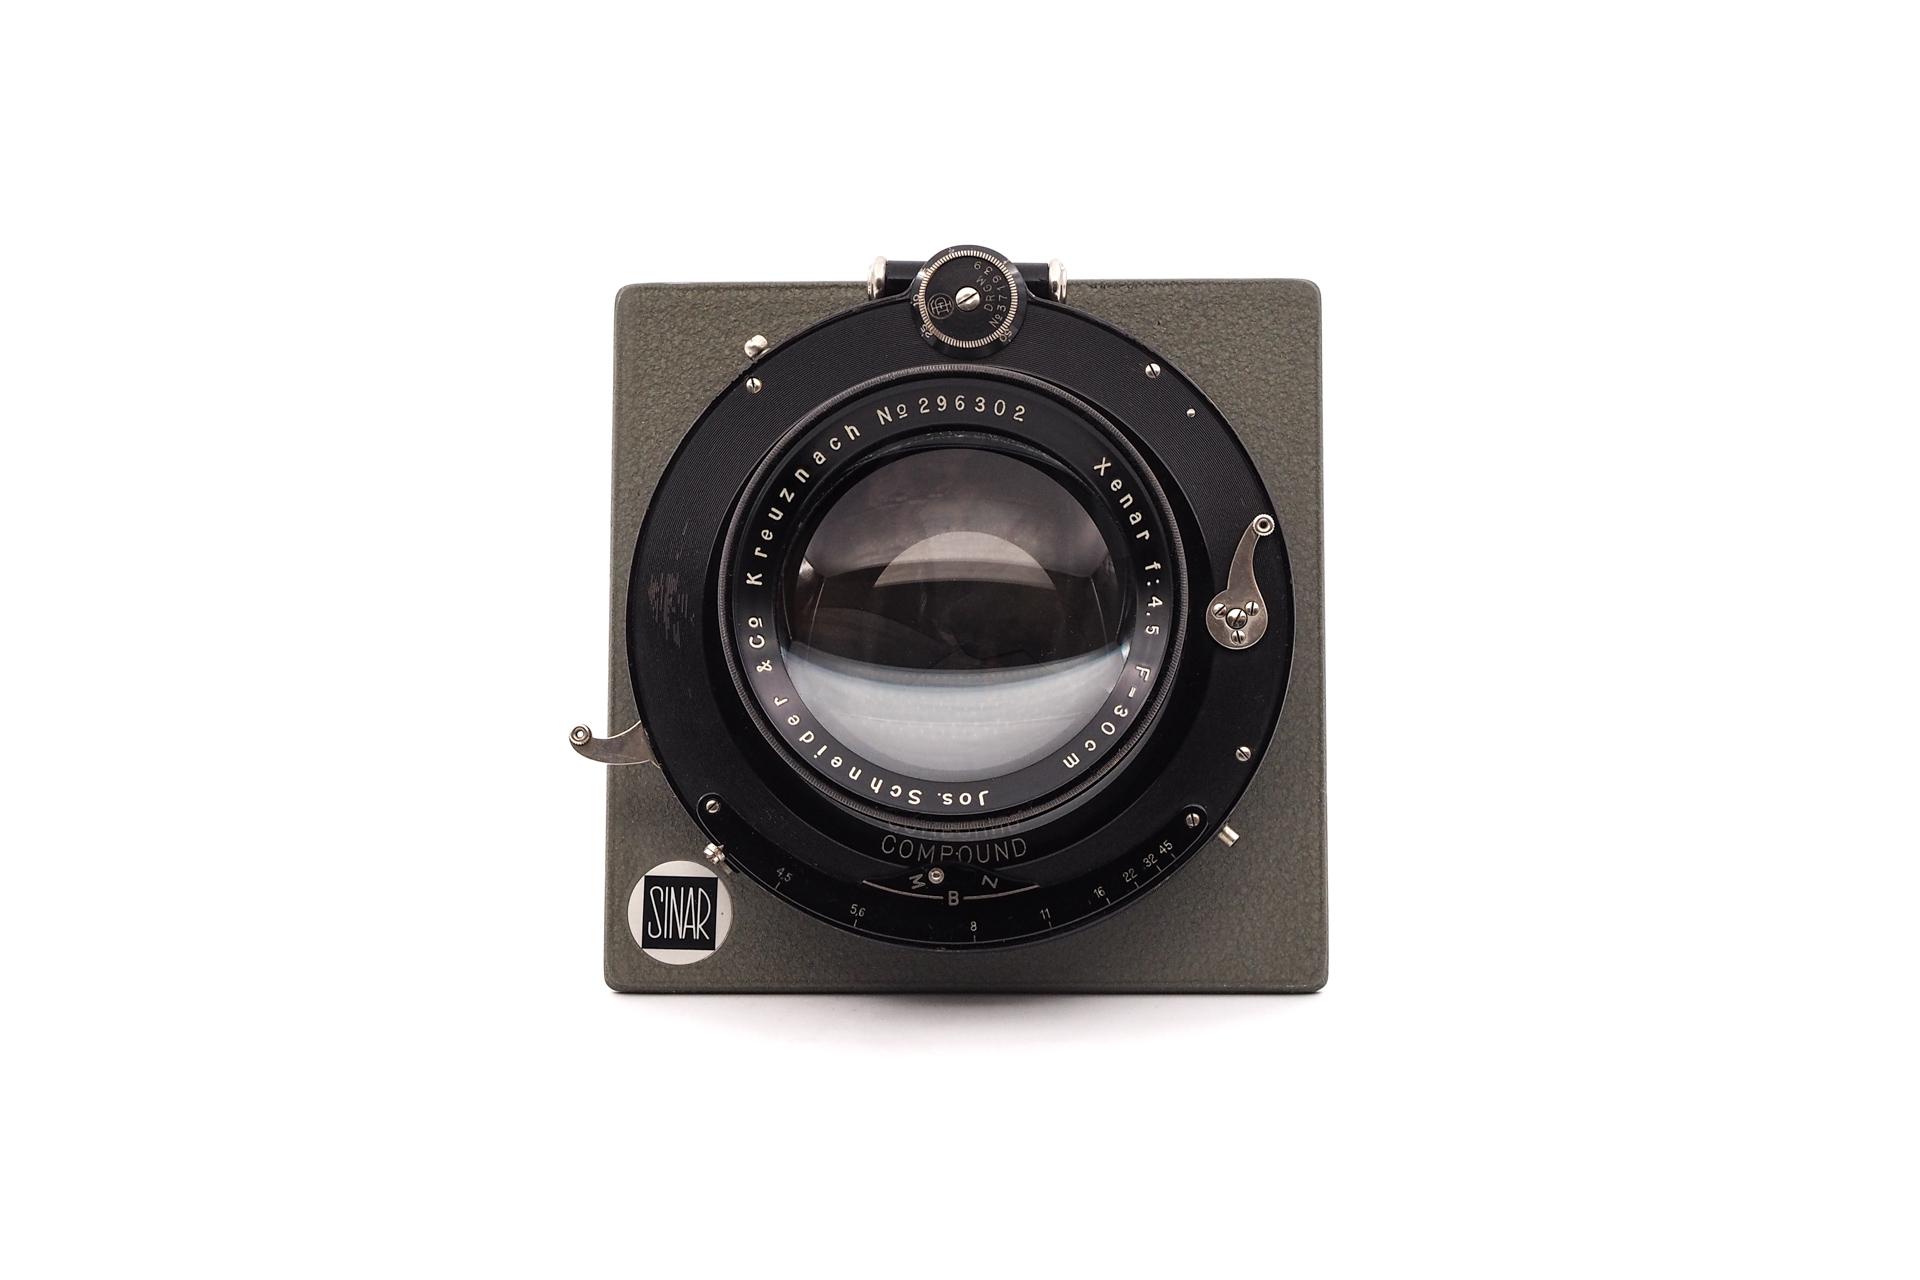 Sinar Plate Schneider 30cm F/4.5 Compound shutter